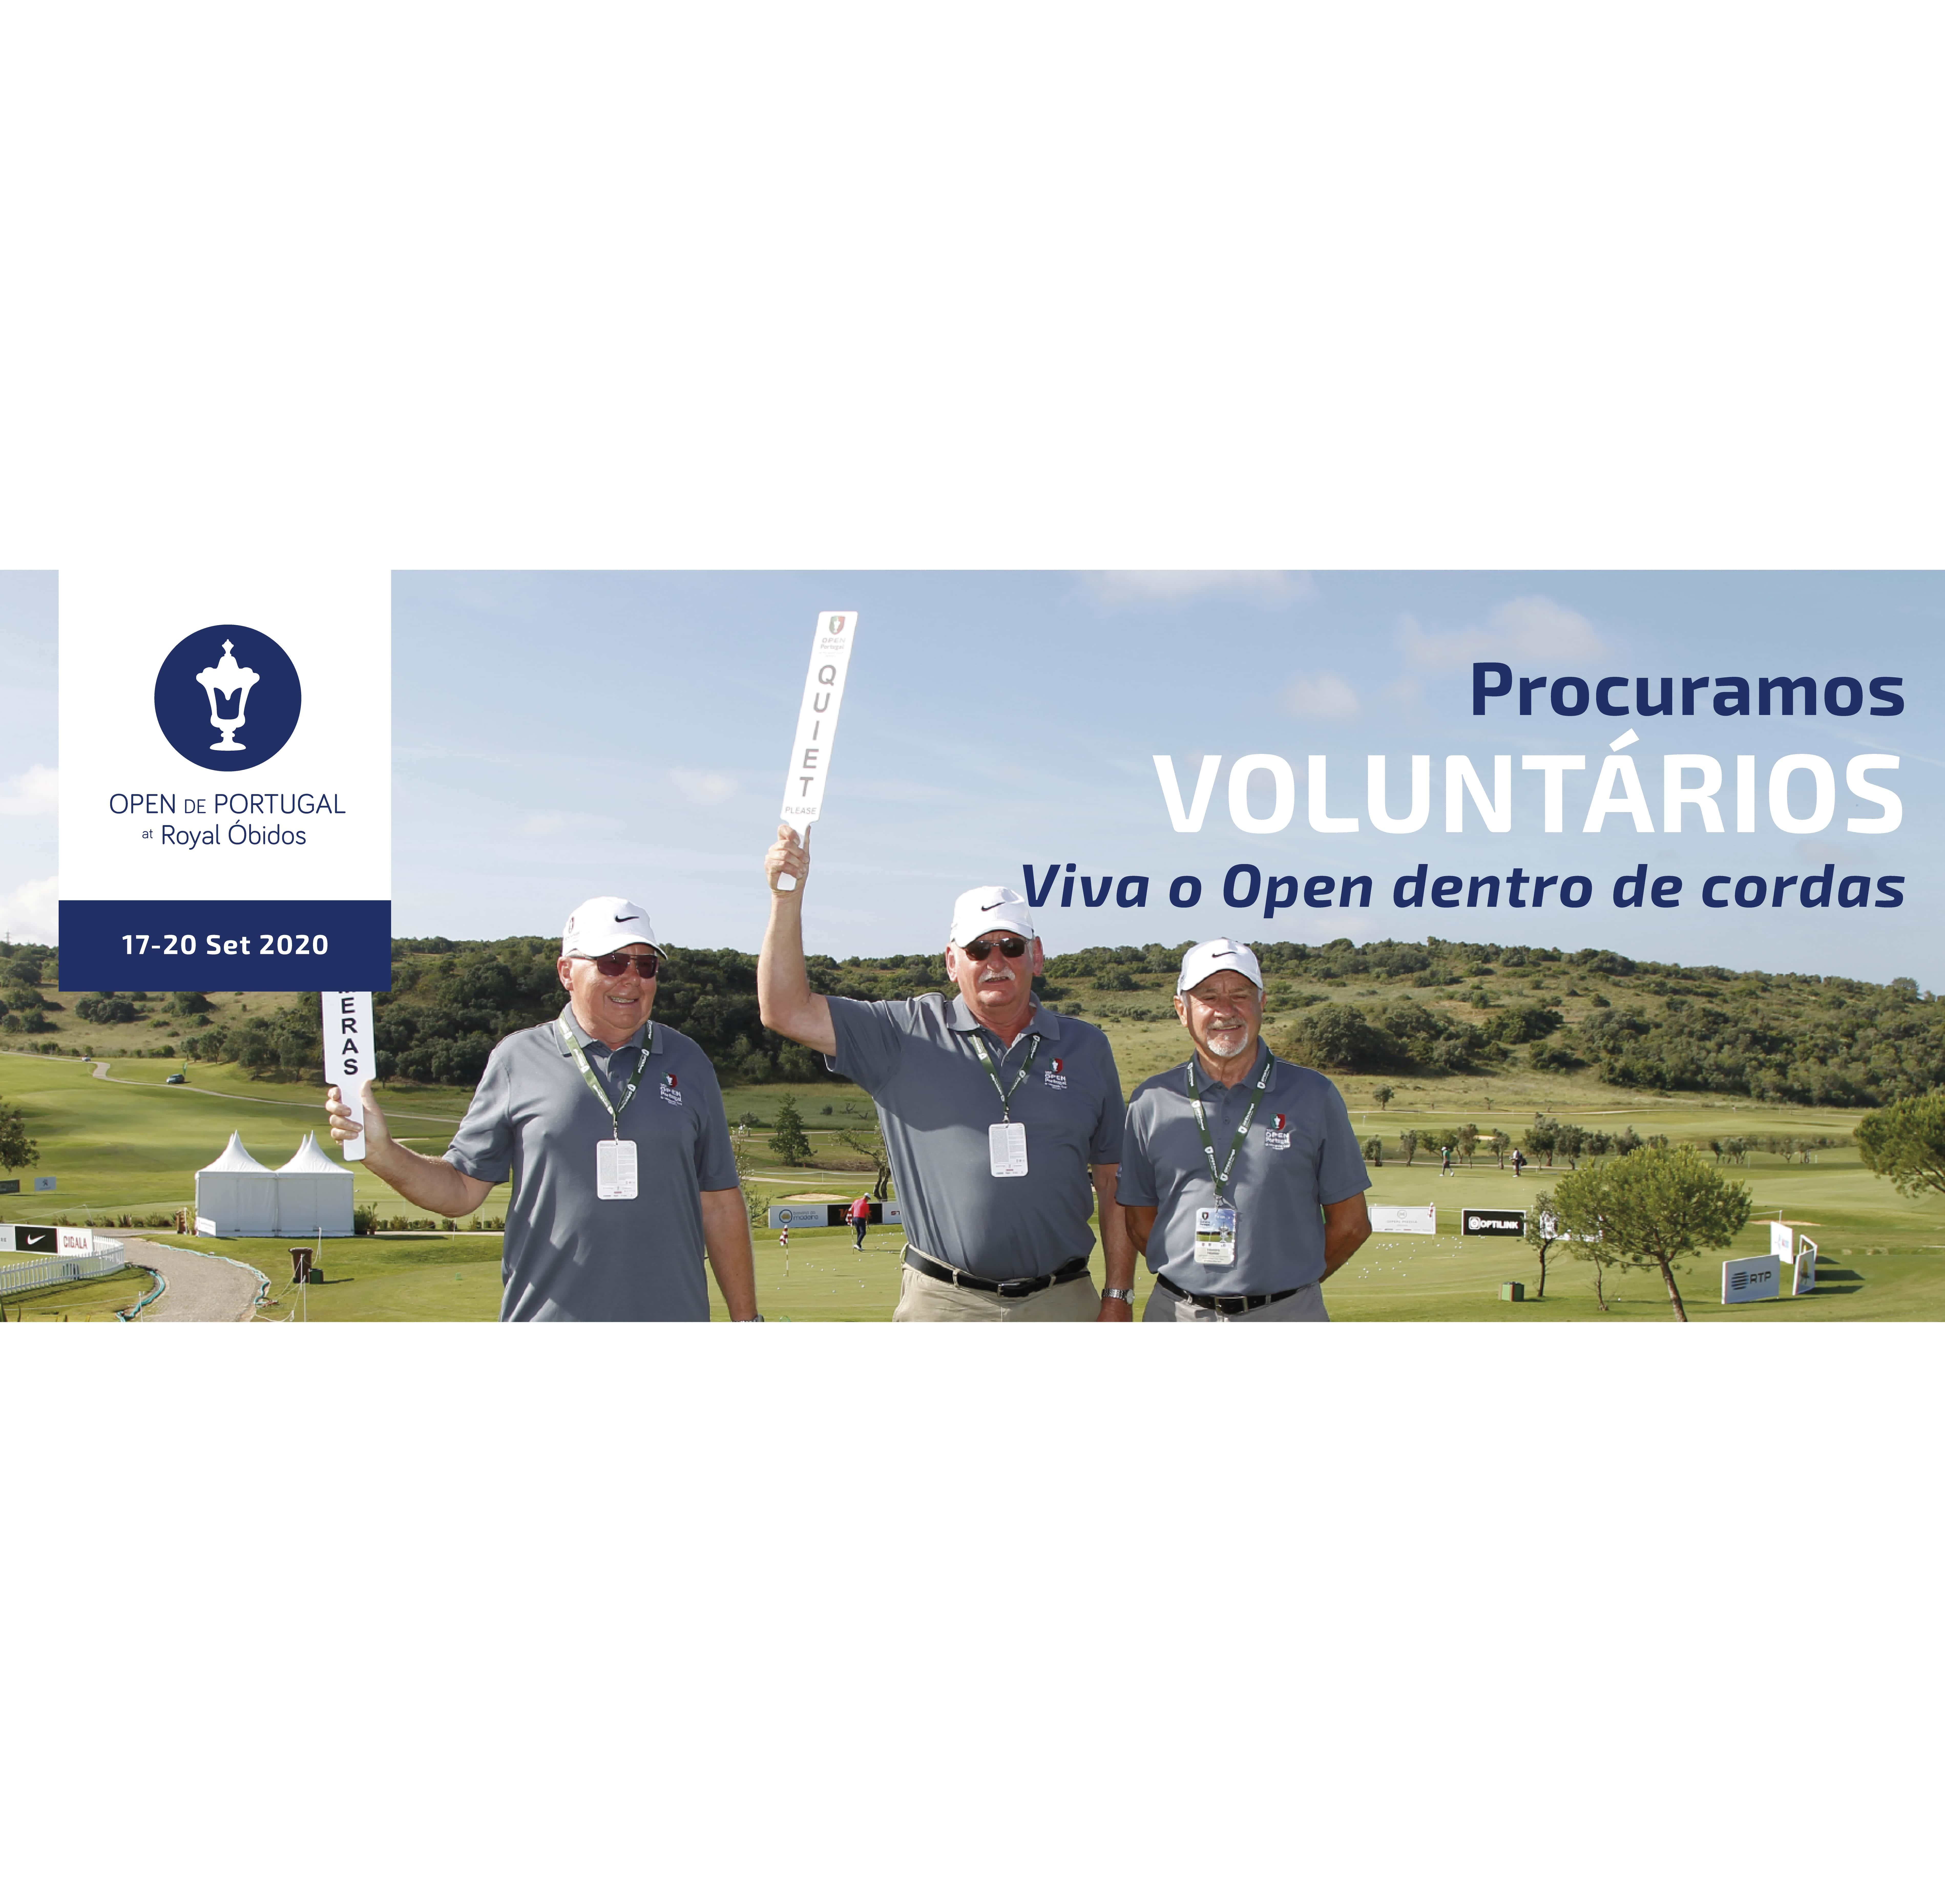 58.º edição do Open de Portugal at Royal Óbidos – Procuramos Voluntários